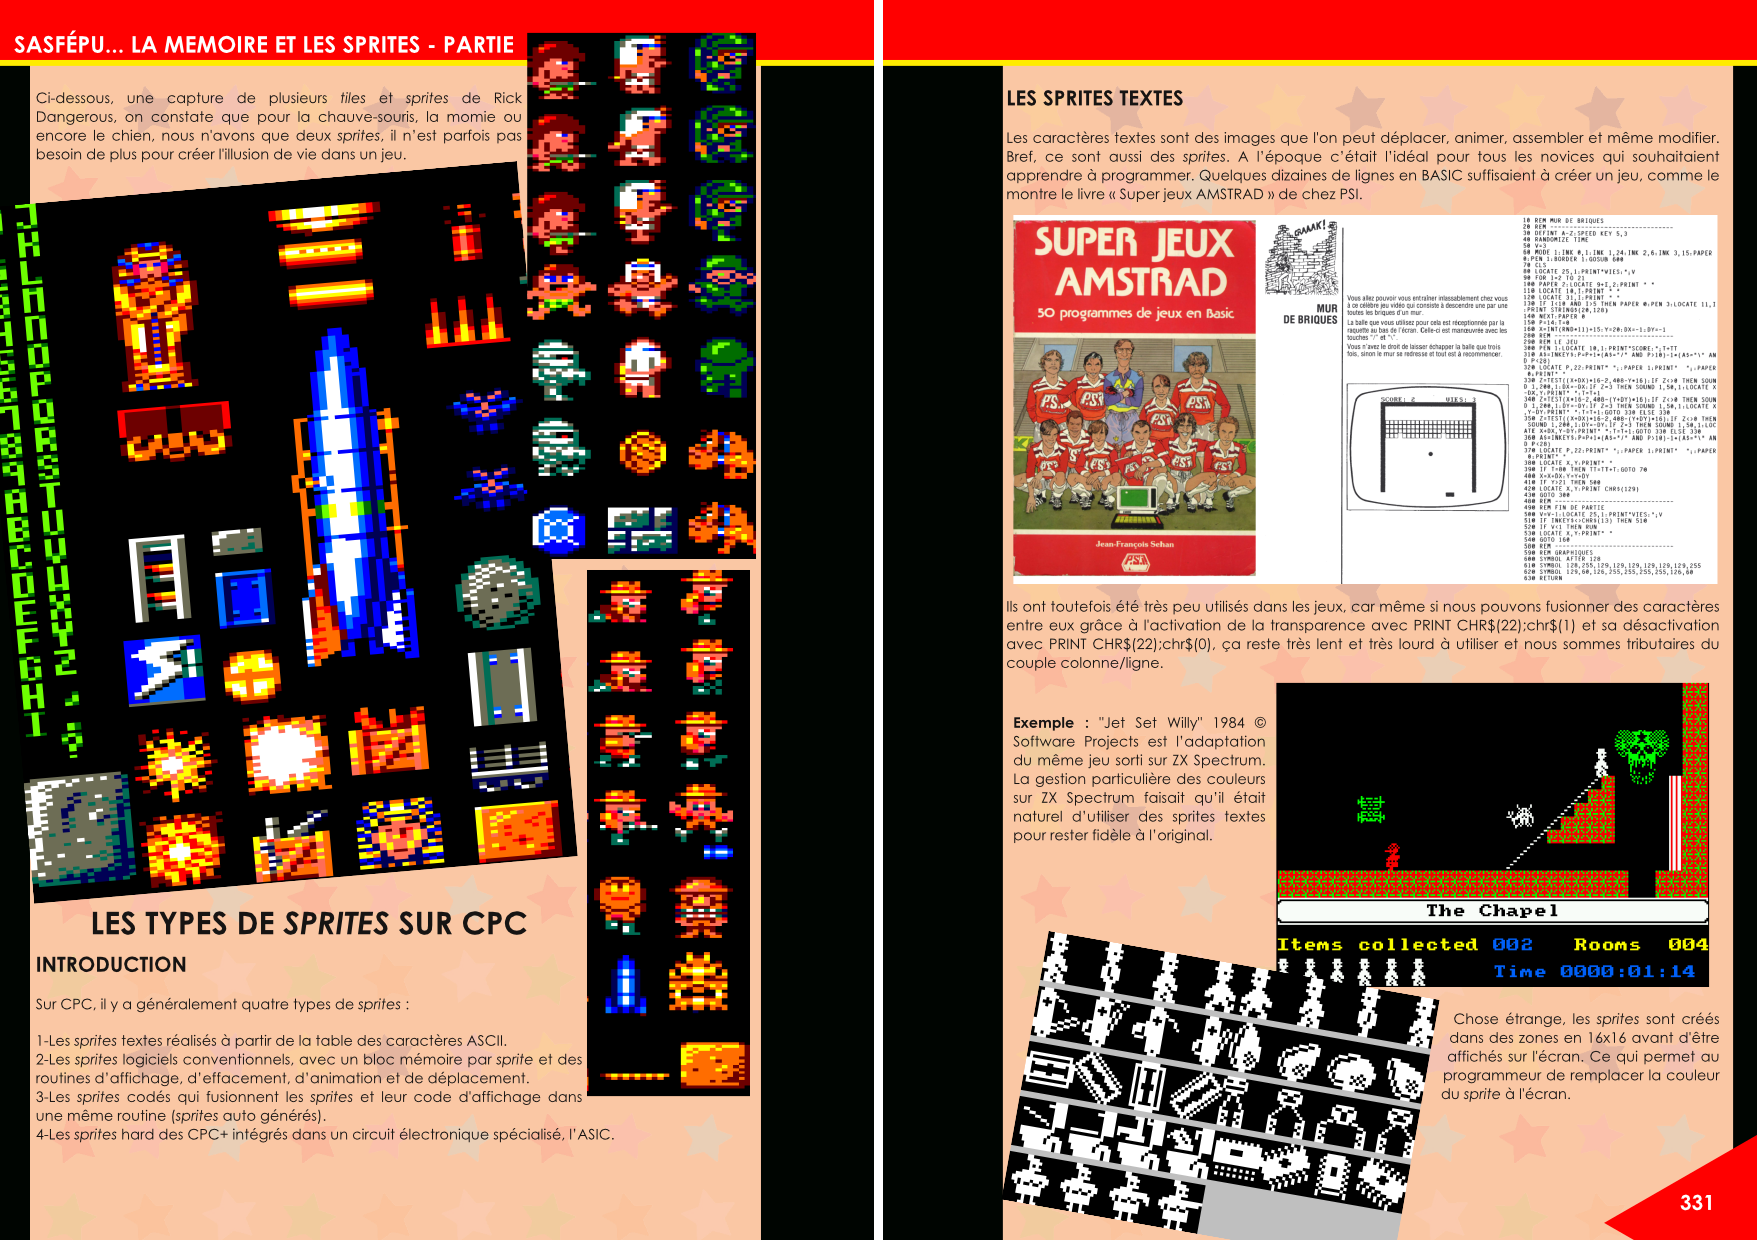 Tutoriel en Basic pour programmer sur CPC article du magazine Côté Gamers